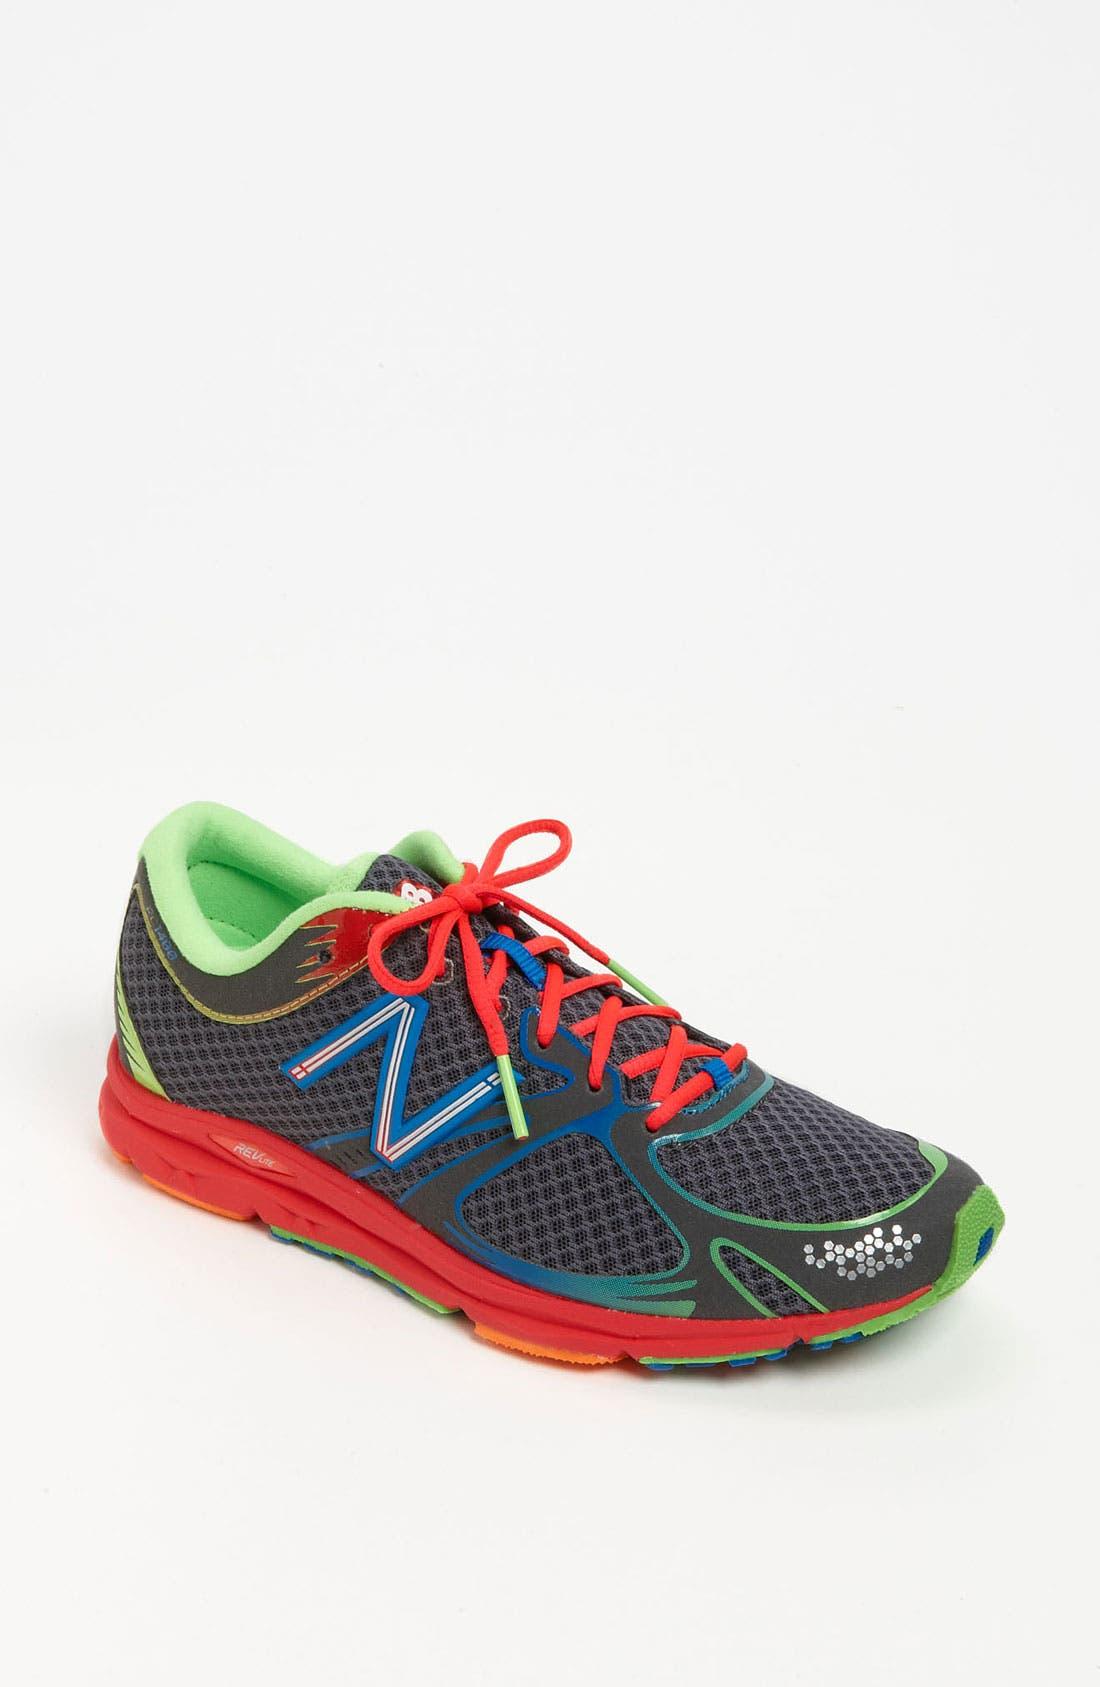 Alternate Image 1 Selected - New Balance '1400' Running Shoe (Women)(Retail Price: $89.95)